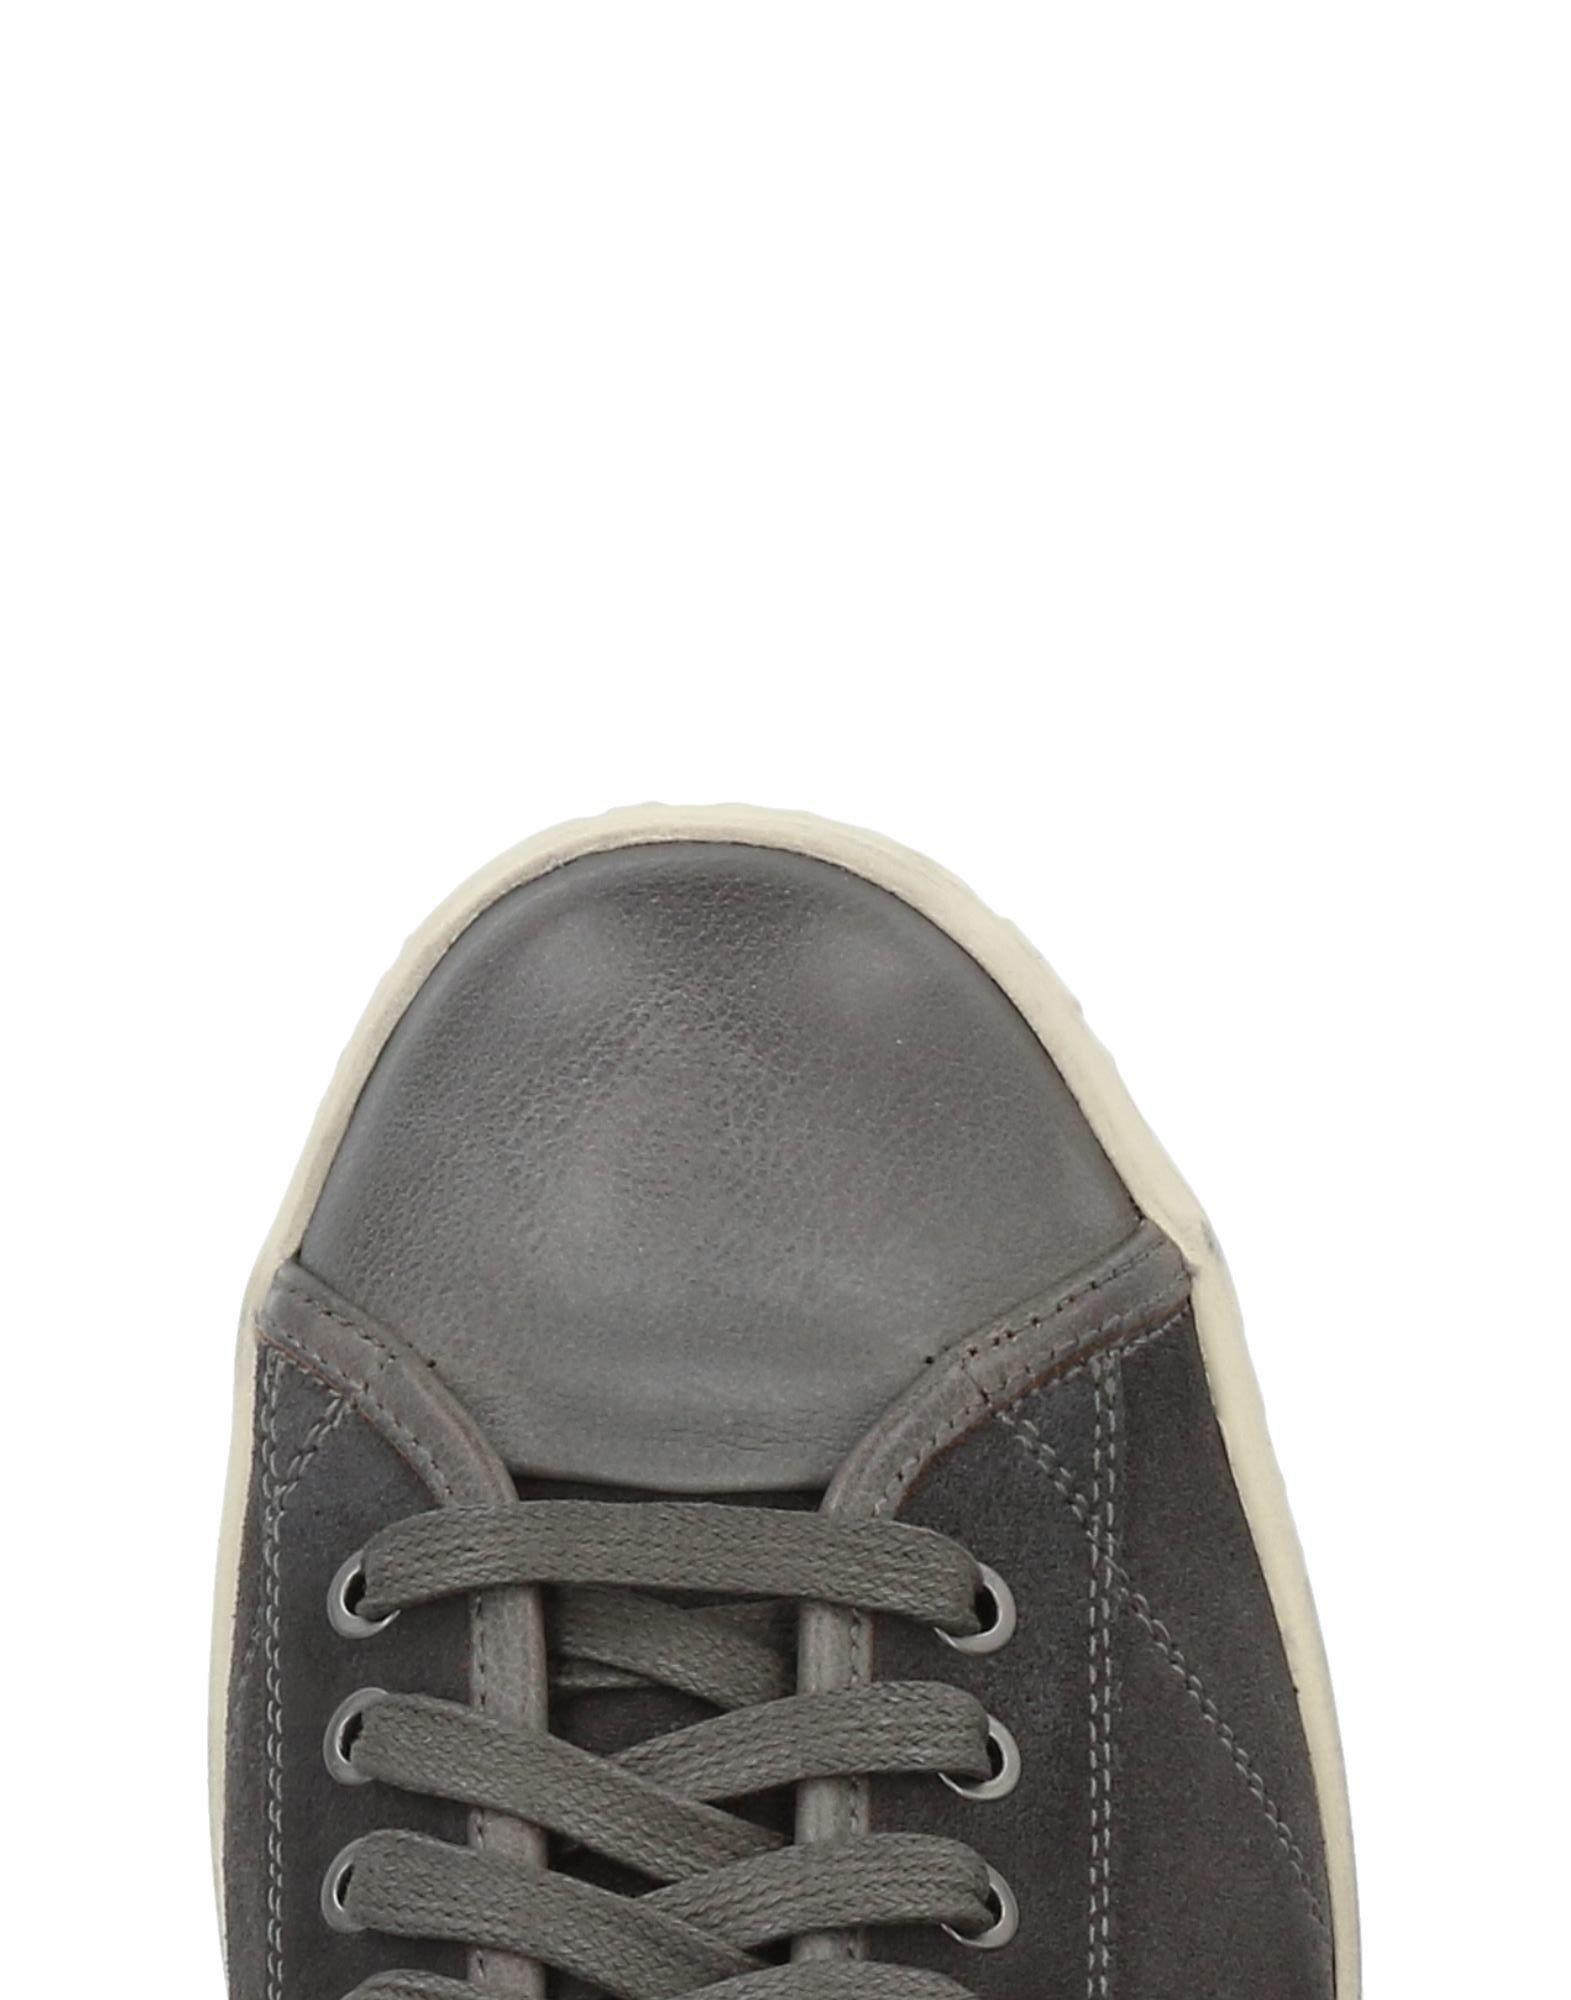 Sneakers John Varvatos ★ U.S.A. Homme - Sneakers John Varvatos ★ U.S.A. sur